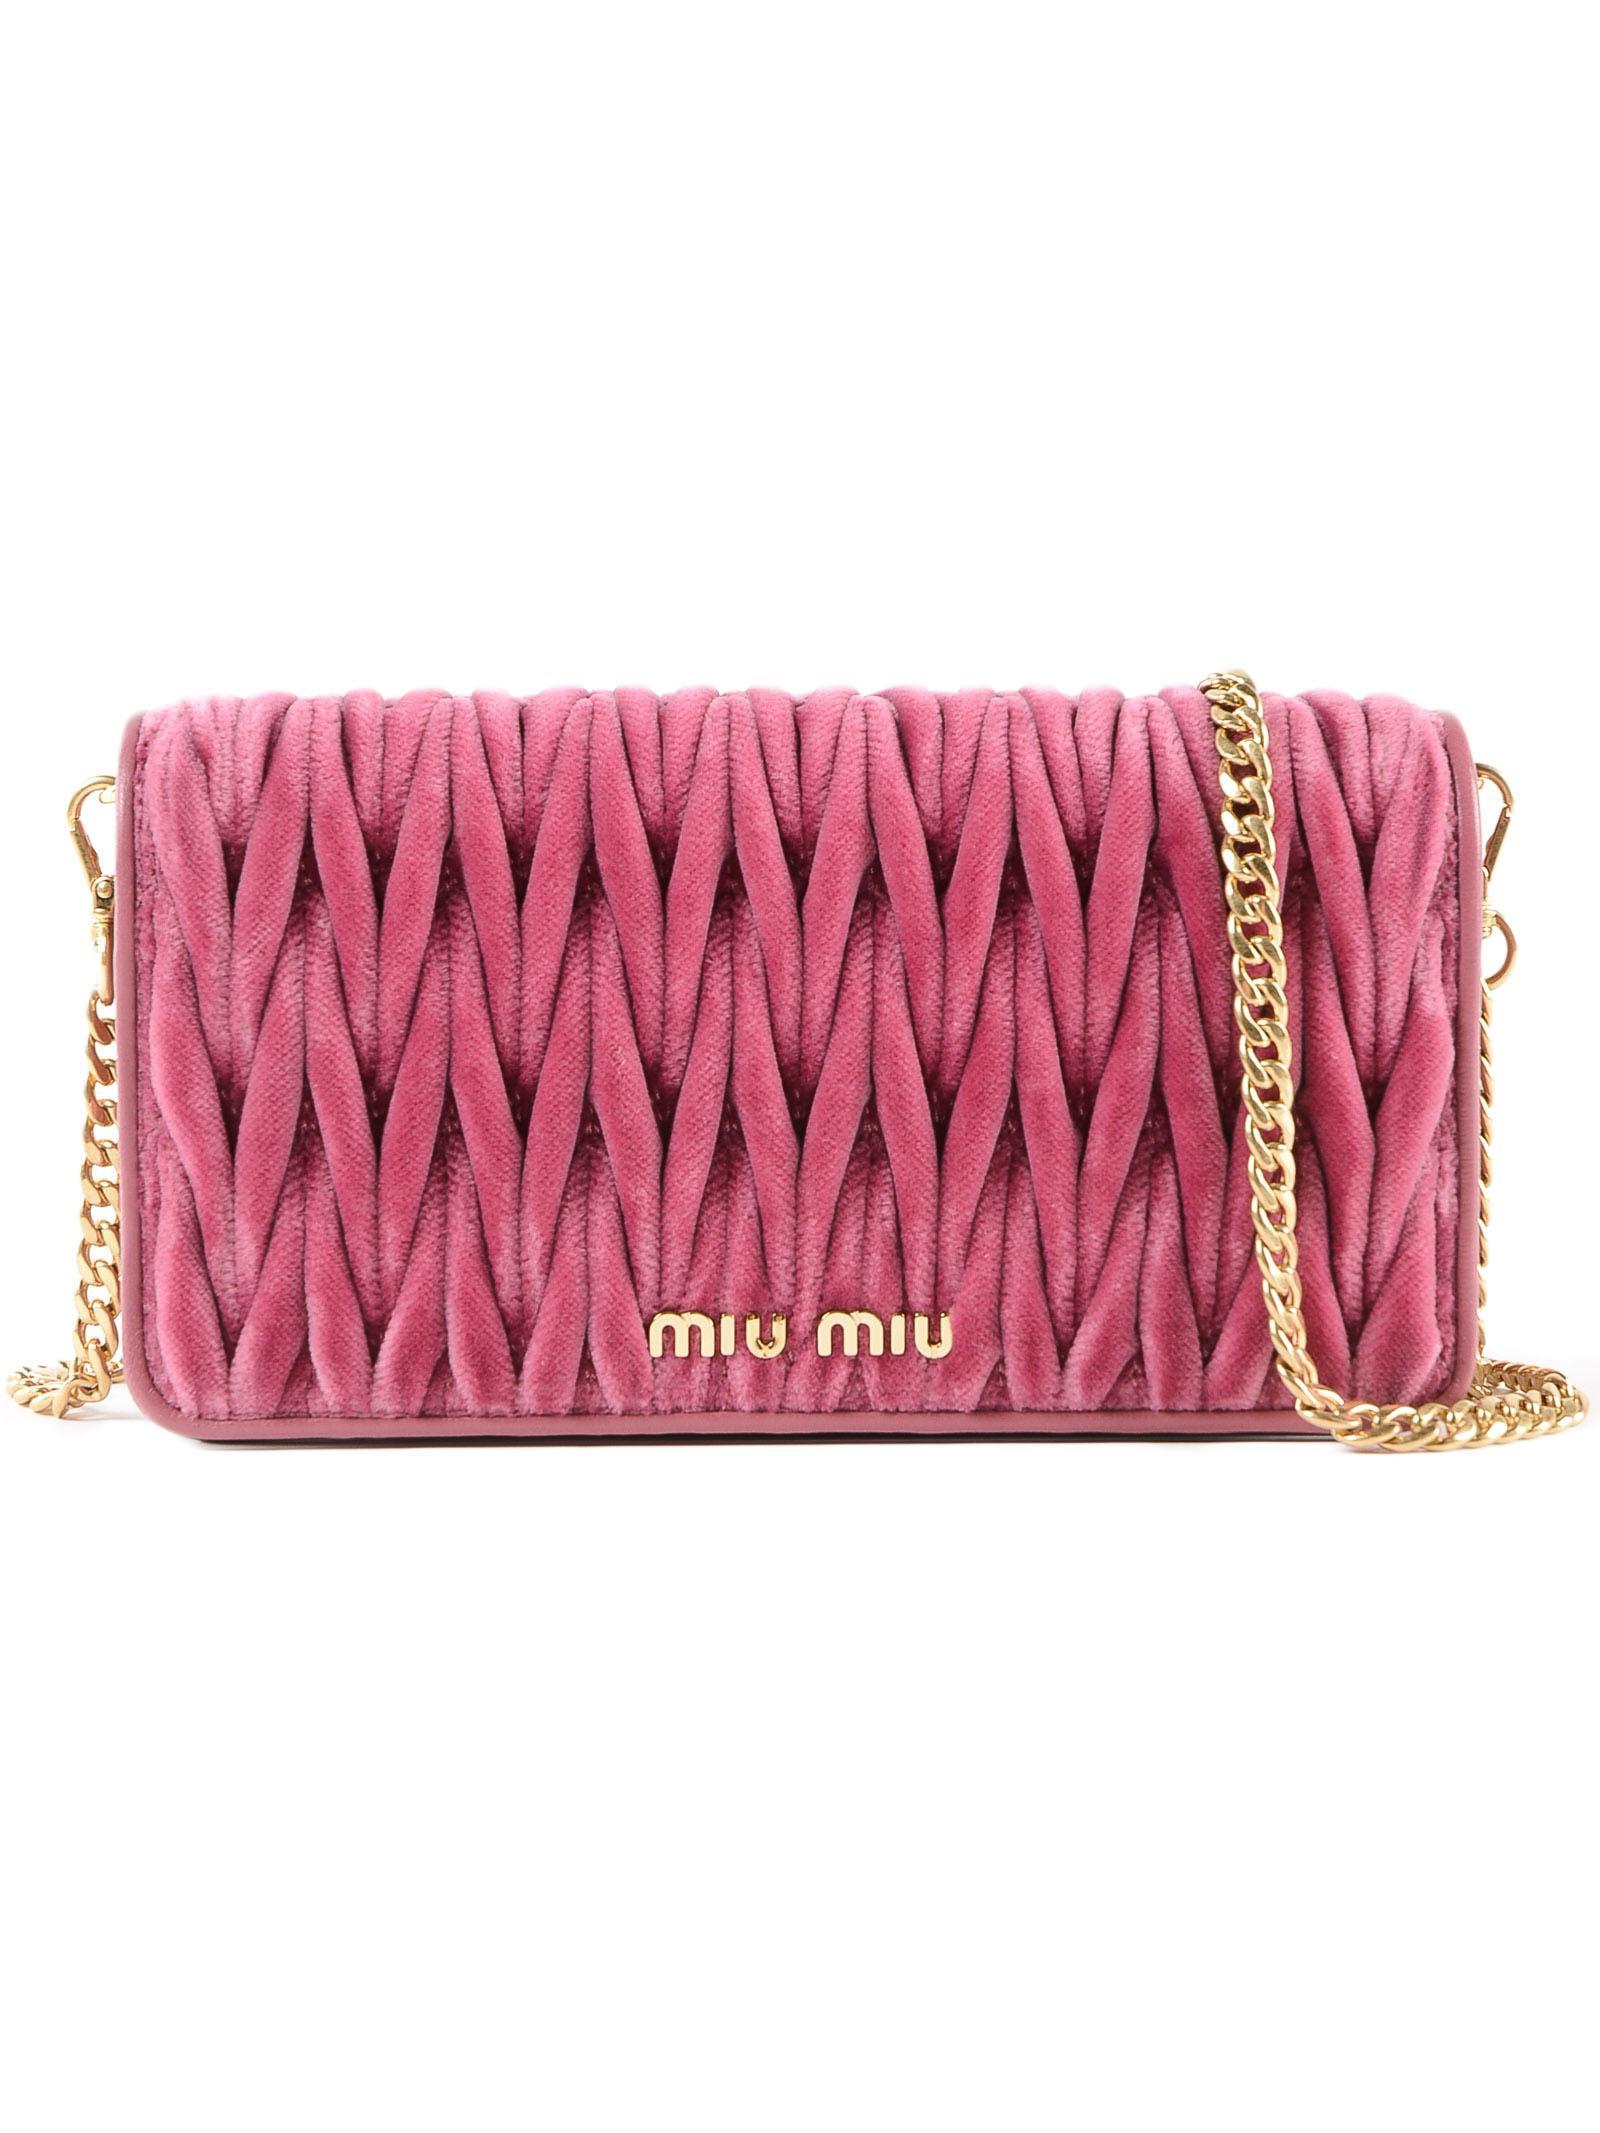 25aa2df3fa93 Miu Miu - Pink Velvet Matelasse` Mini Crossbody - Lyst. View fullscreen